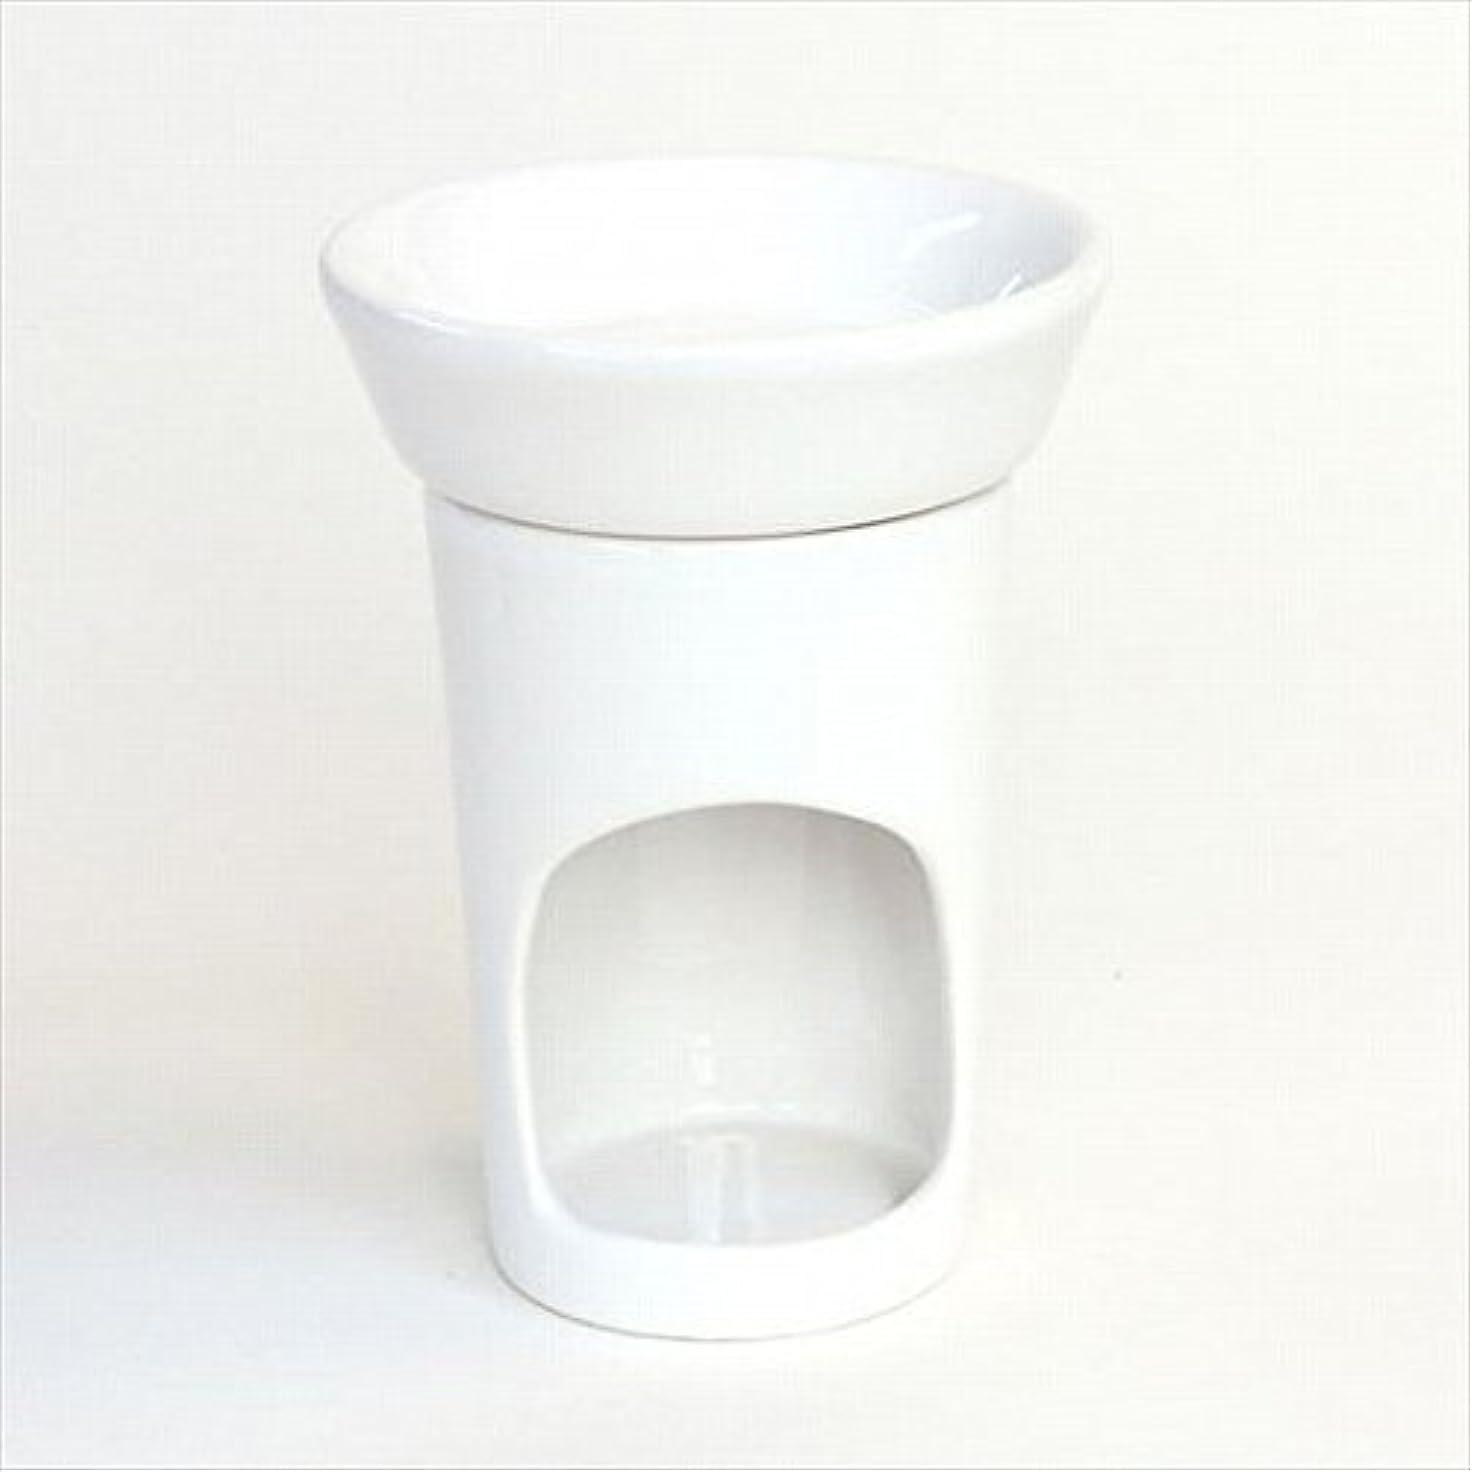 チェリー困難昆虫を見るkameyama candle(カメヤマキャンドル) ブランタルトウォーマー キャンドル 78x78x116mm (J5250000)